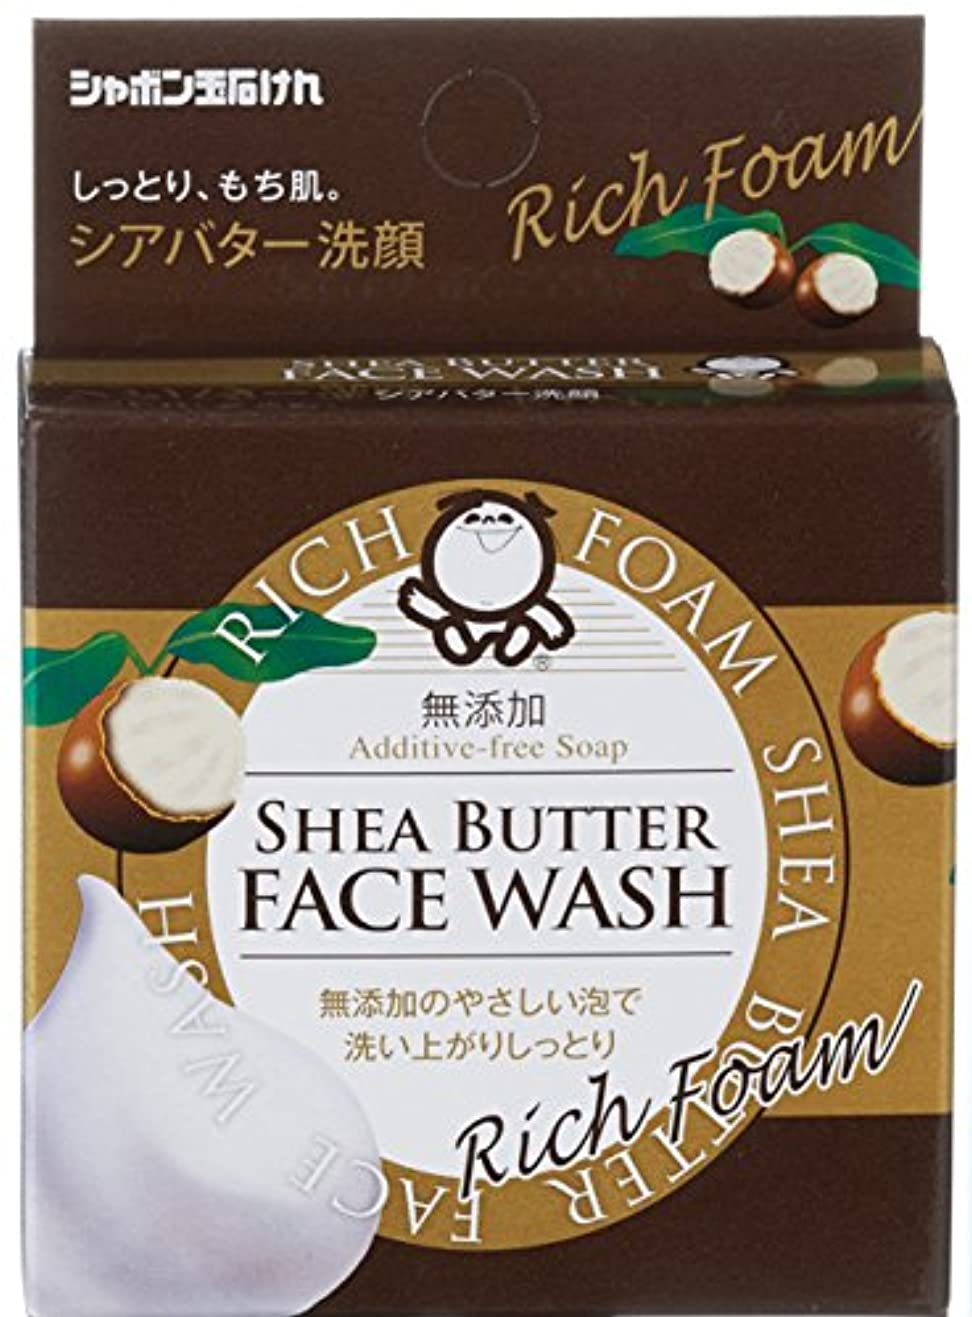 処方戸惑うリーシャボン玉 シアバター洗顔 60g